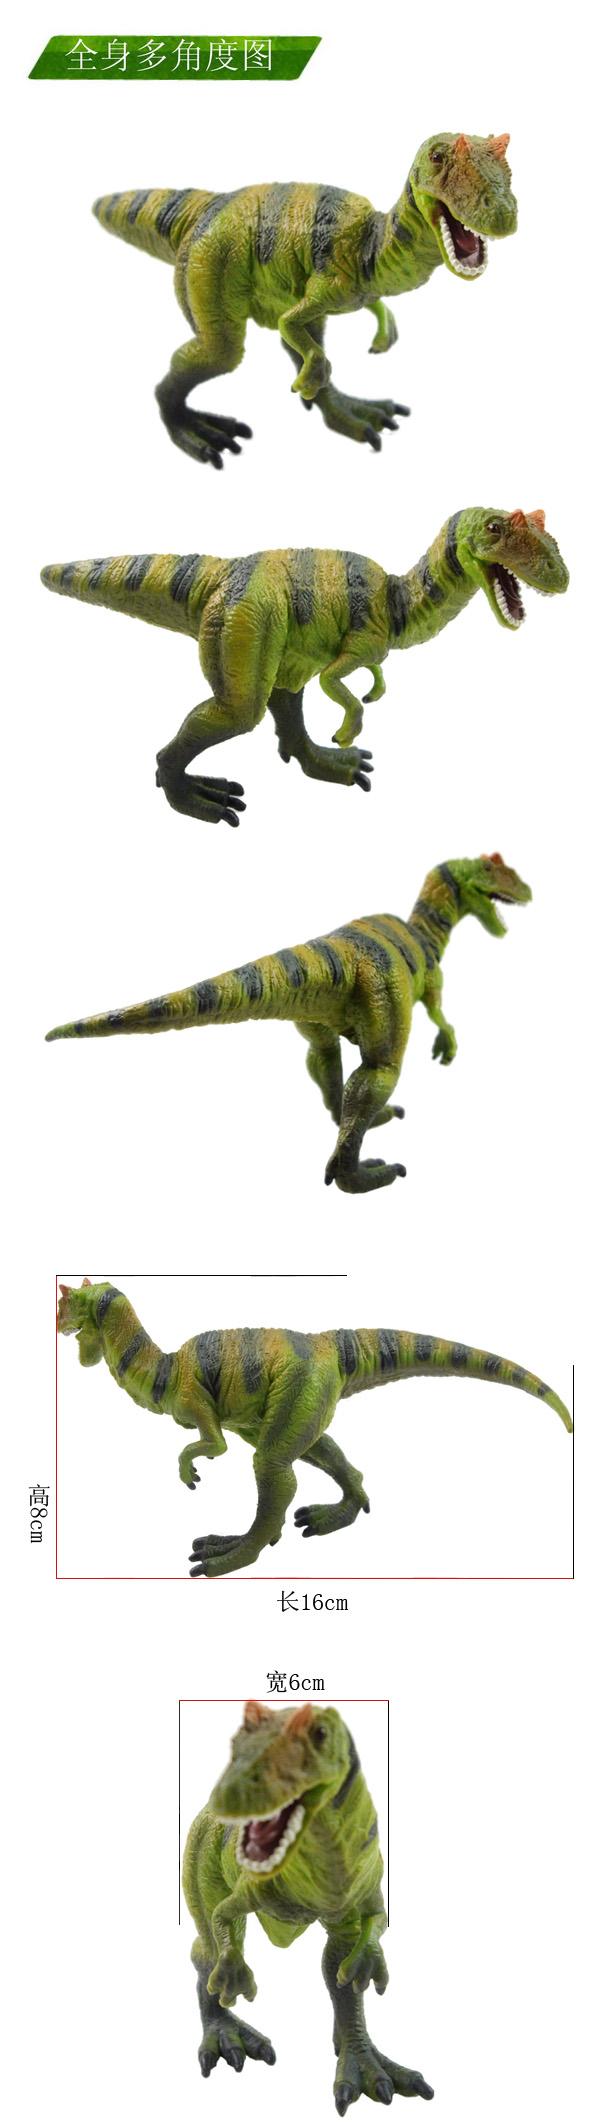 大型肉食性恐龙简笔画